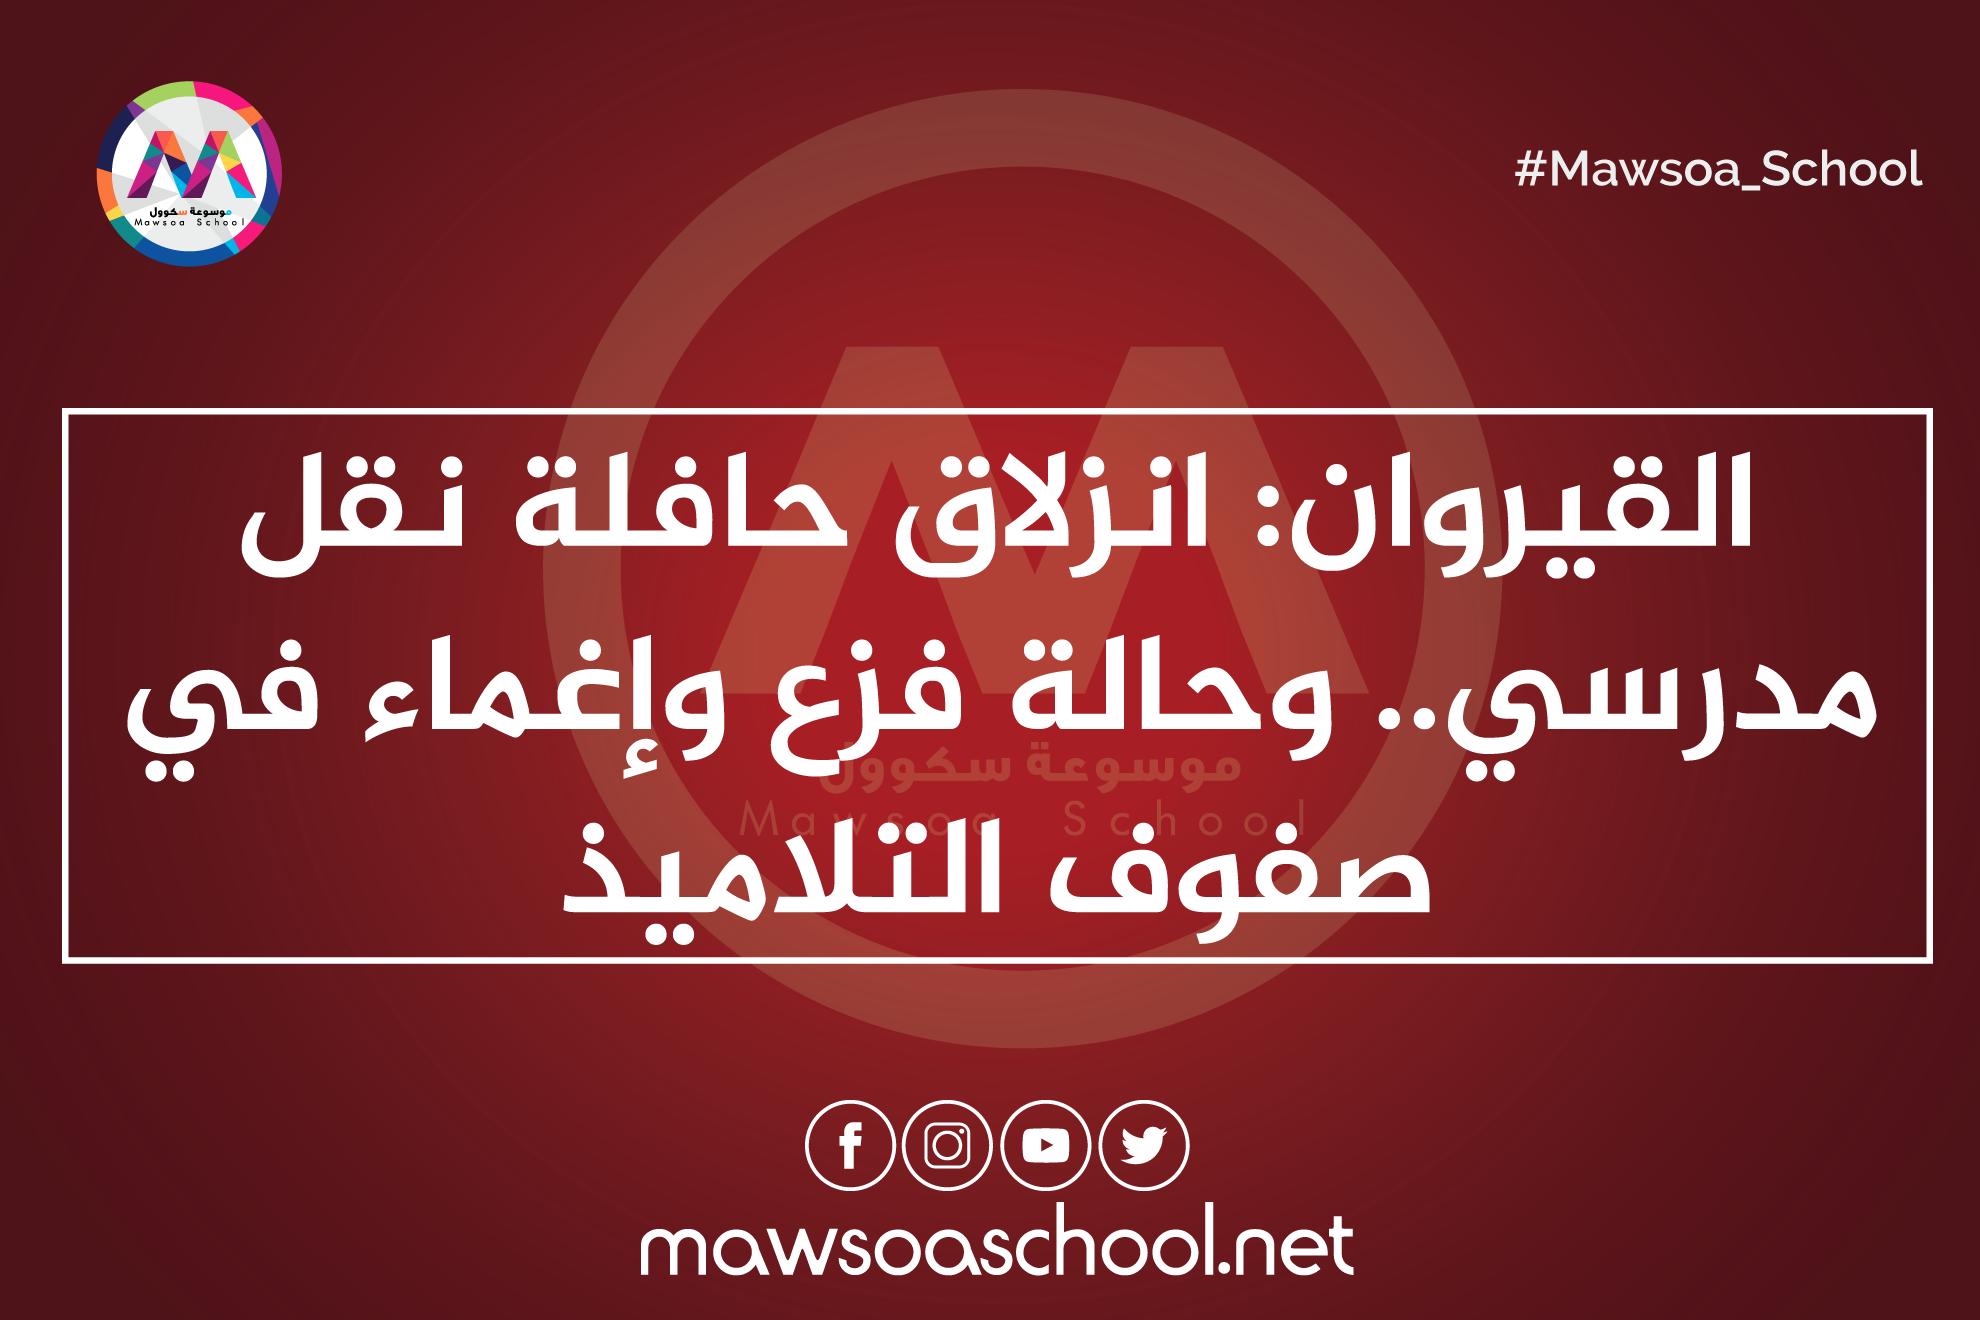 القيروان: انزلاق حافلة نقل مدرسي.. وحالة فزع وإغماء في صفوف التلاميذ